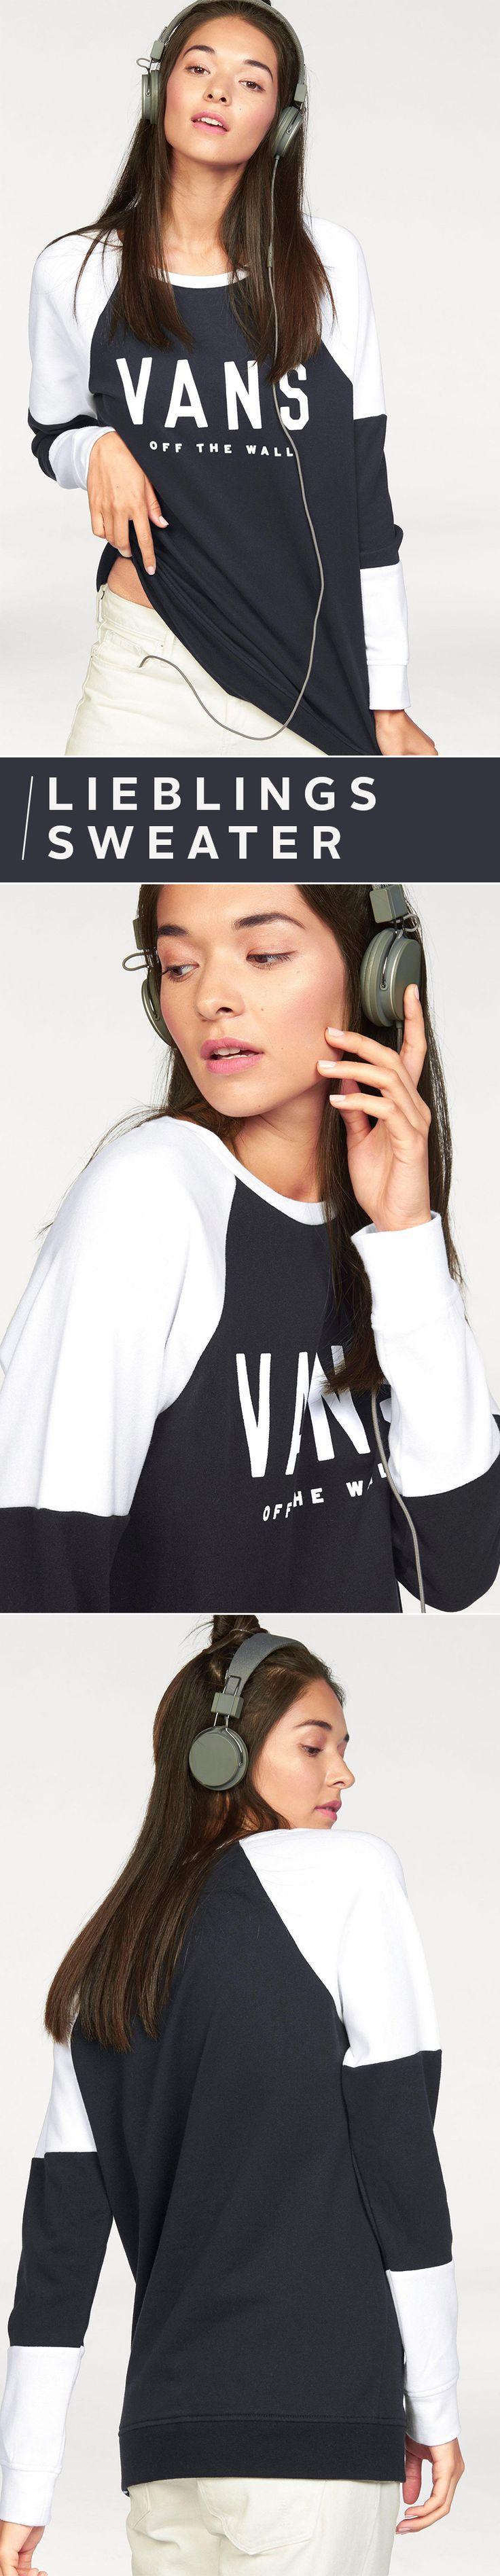 Geht`s noch lässiger? Wir sagen nein! Das Sweatshirt von VANS ist der Inbegriff deines neuen Lieblingspullis: Retro-Logoprint auf der Vorderseite, cooles Colourblocking in schwarz und weiß – und das alles in einer wunderbar weichen Sweatwear-Qualität. Und zack, schon verliebt!